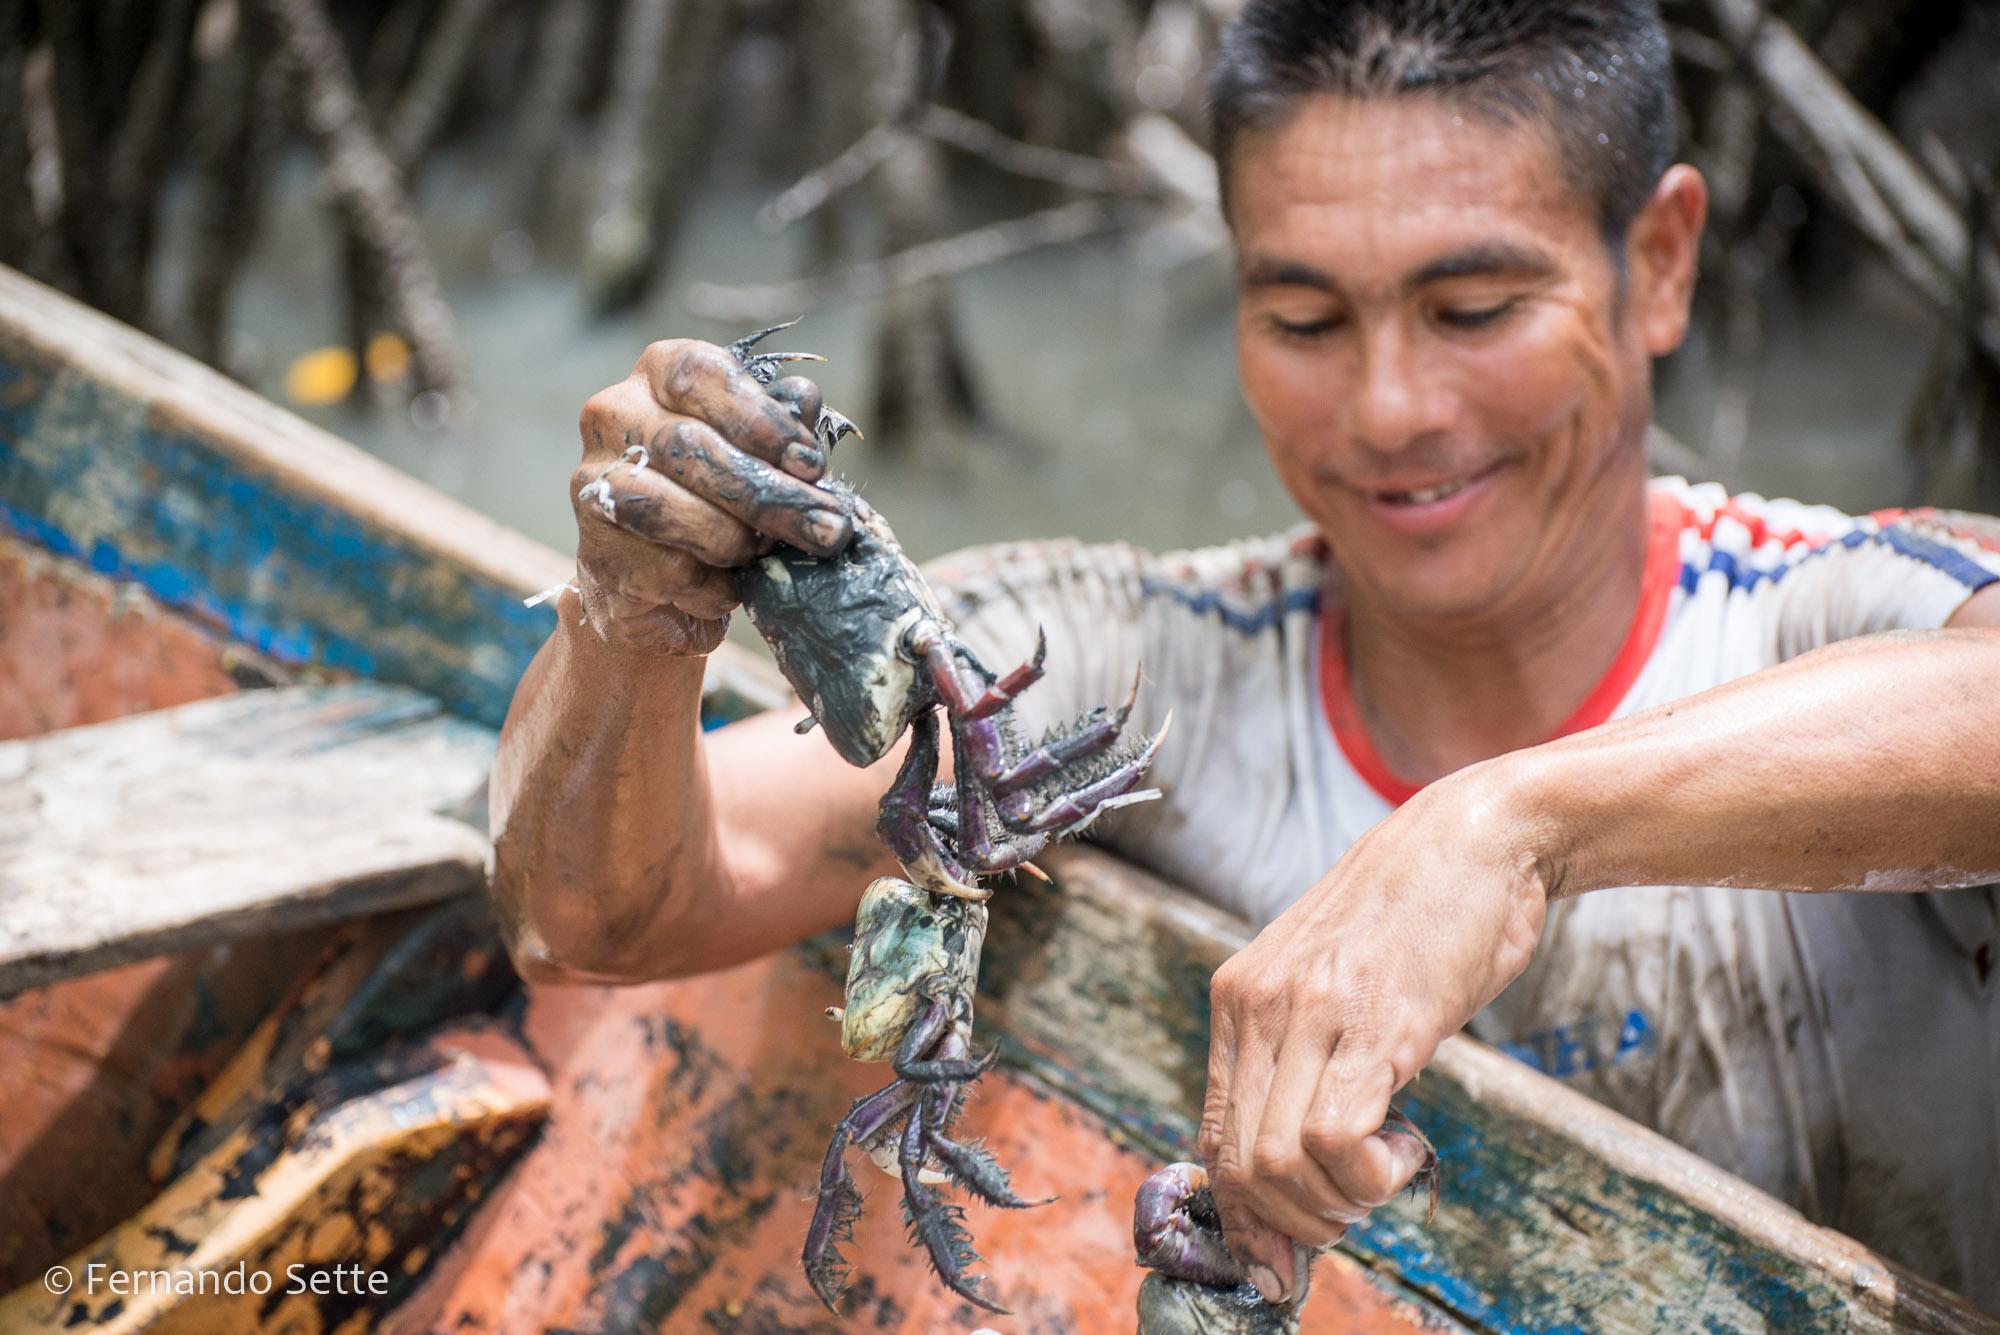 Manejo sustentável de caranguejo é tema de cartilha educativa lançada pelo Instituto Mamirauá